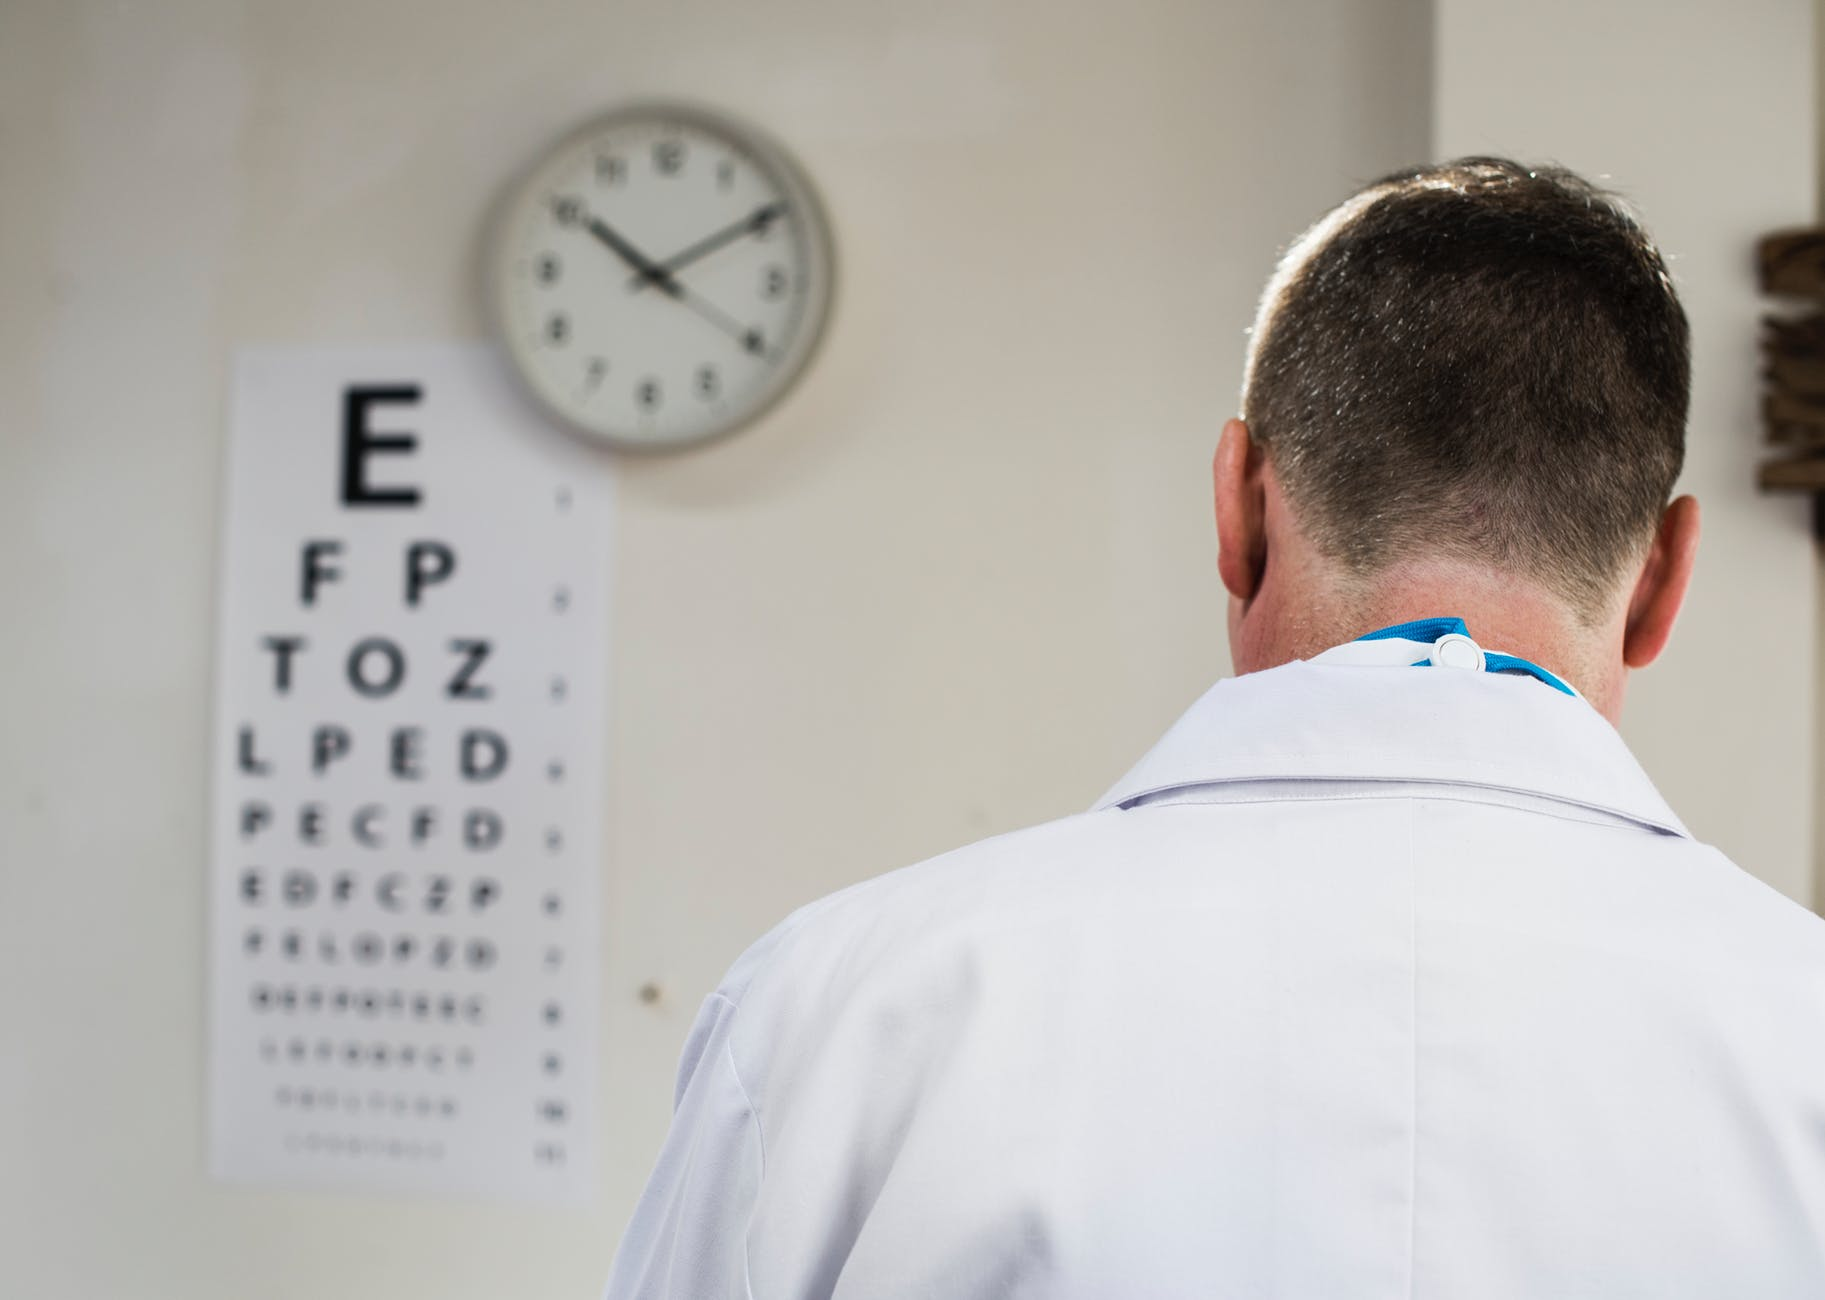 registro-estata-profesionales-sanitarios-proinda-consultores